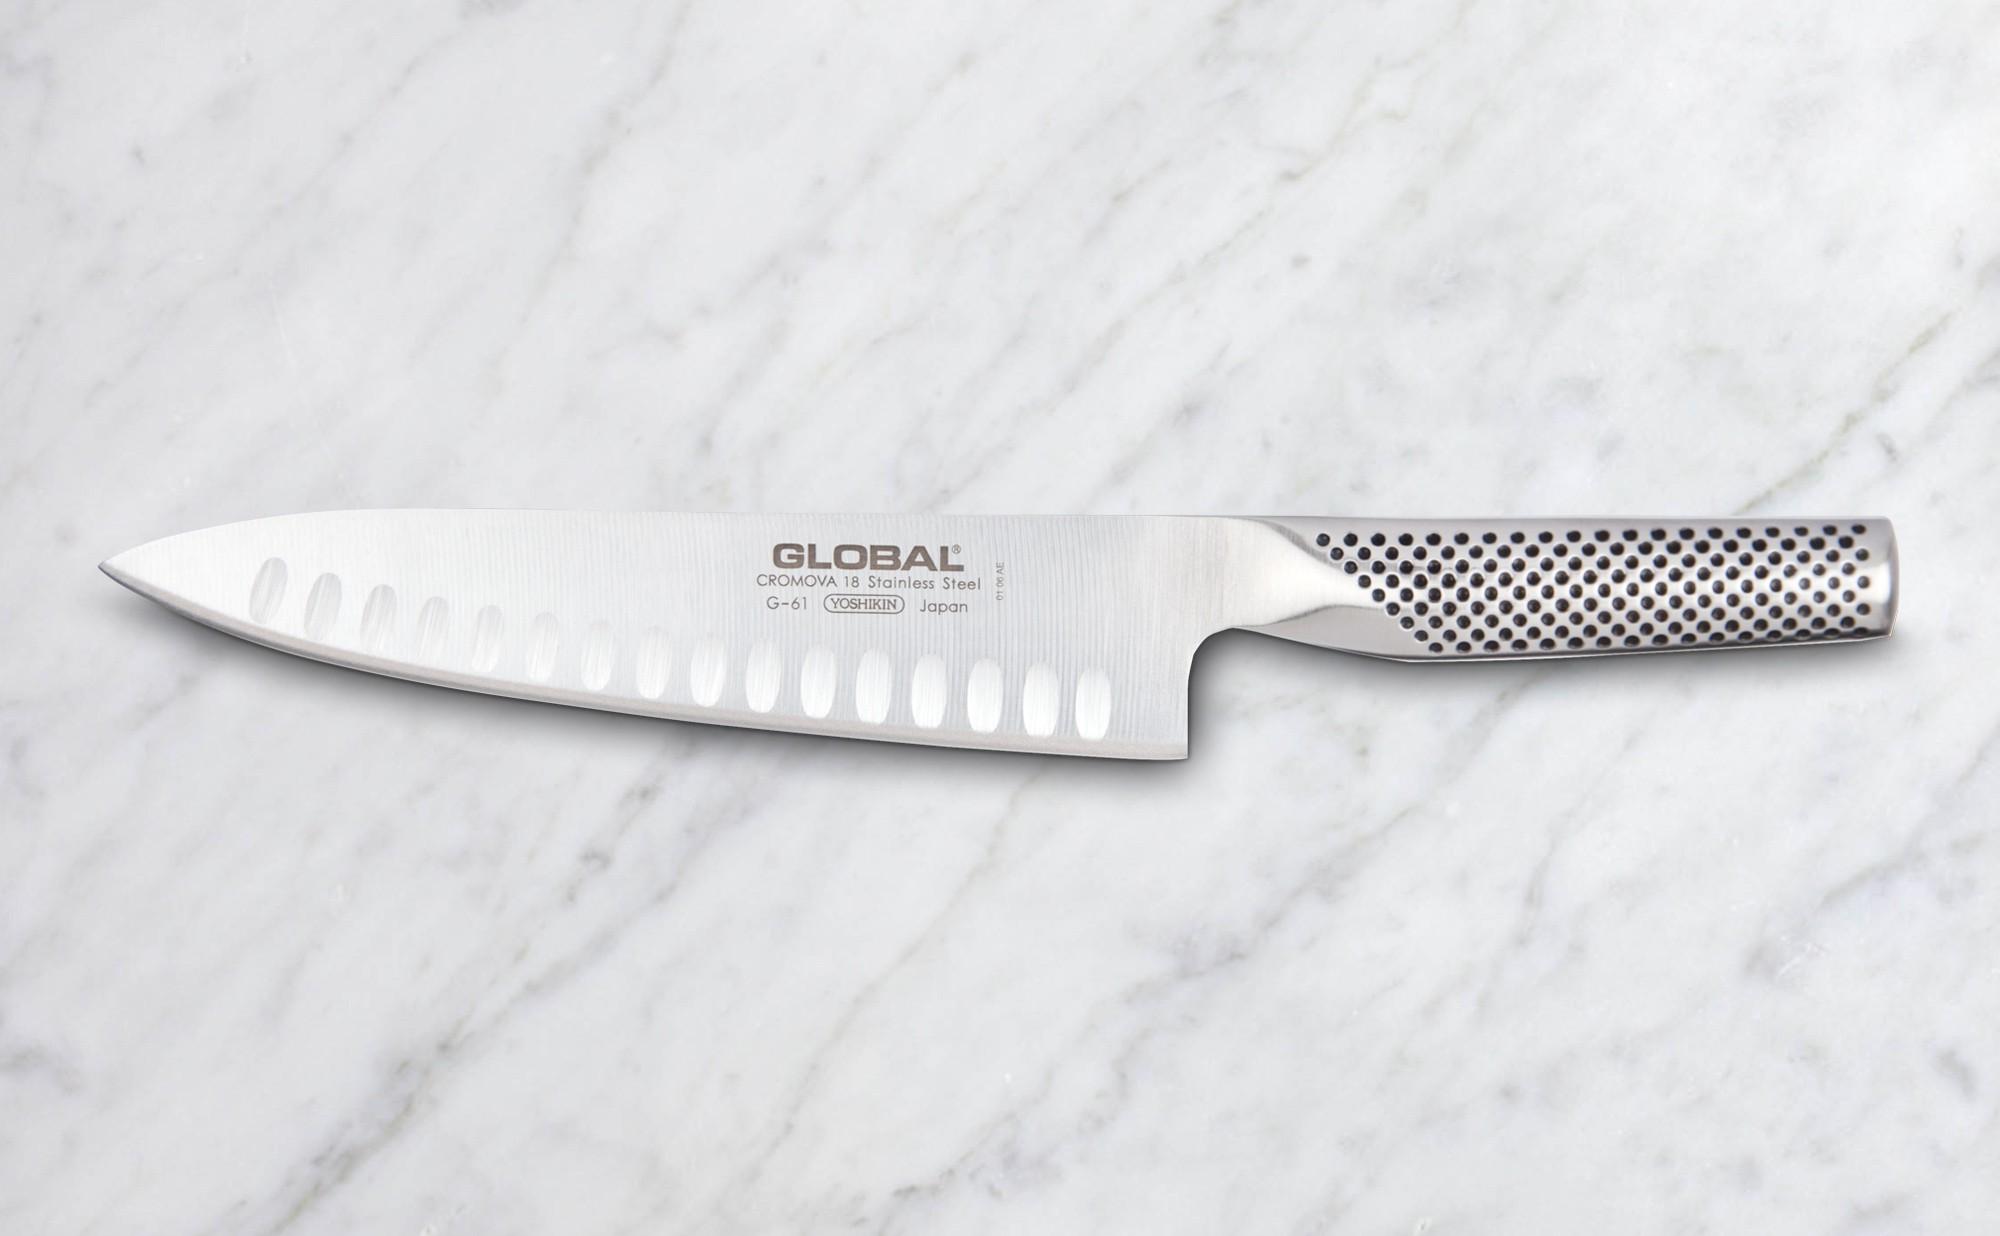 Couteau De Cuisine 20 Cm Lame Alveolee G61 Colichef